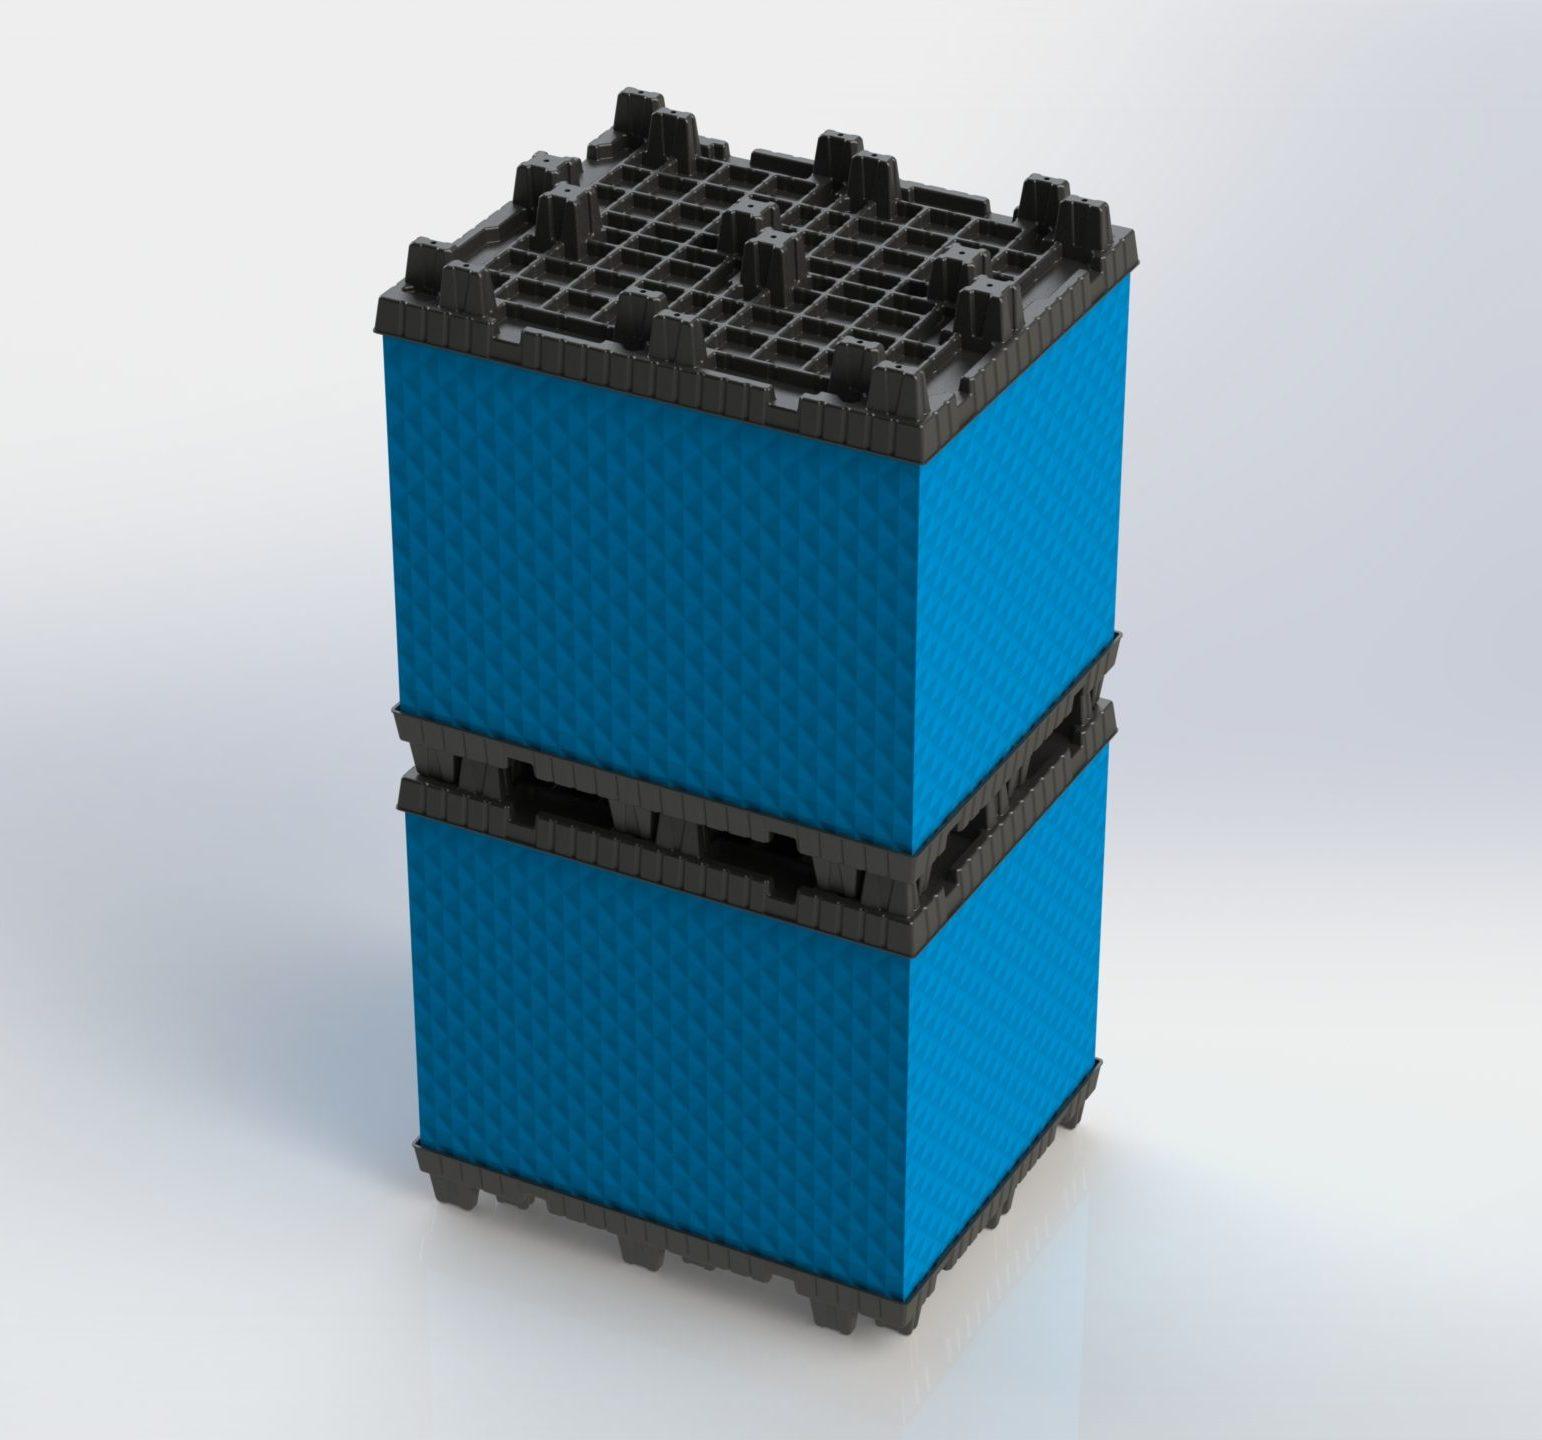 vantage plastics bins